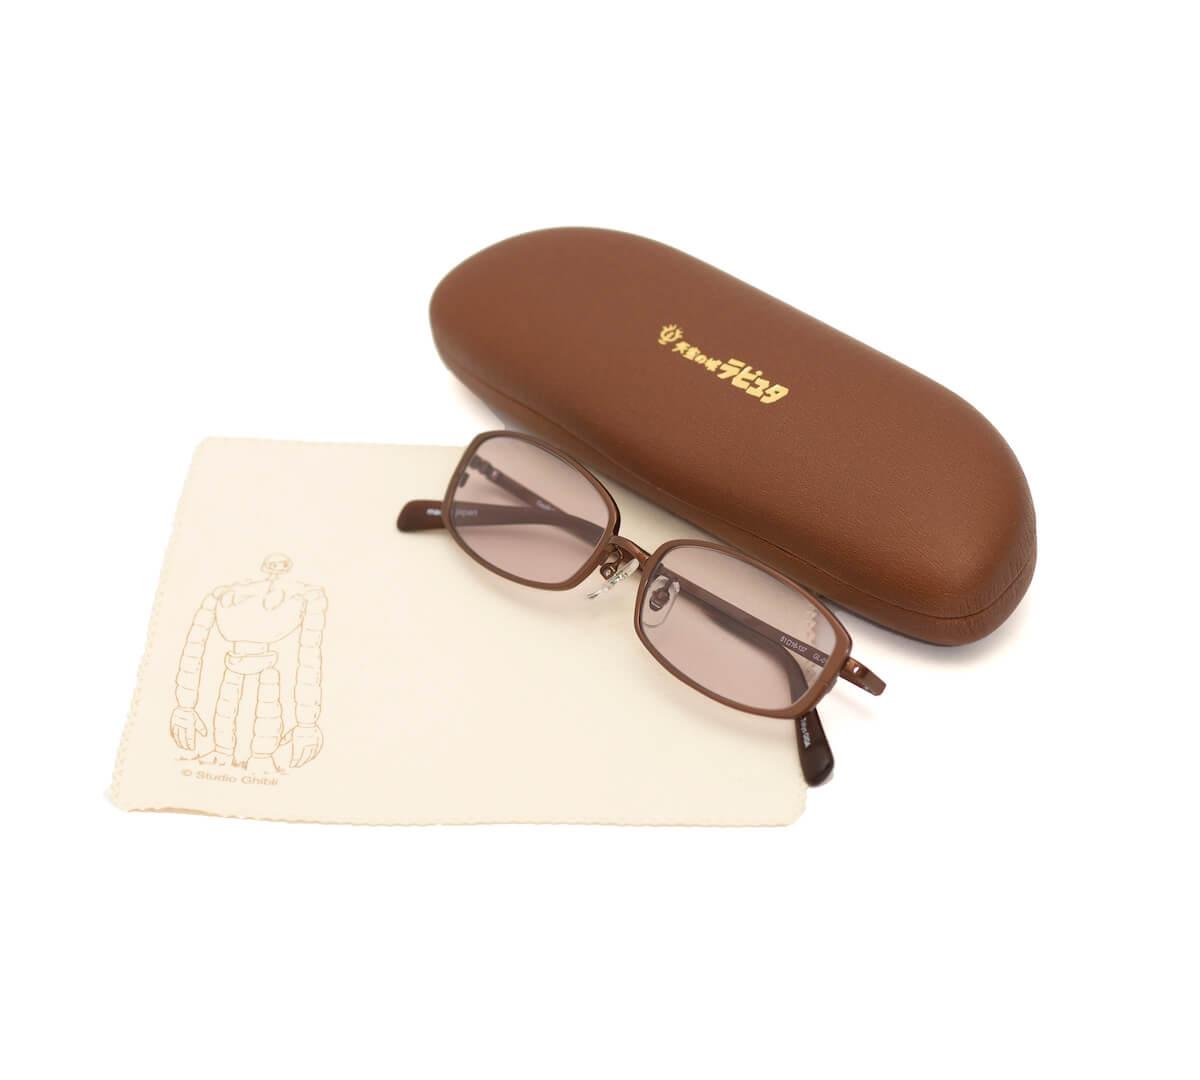 『天空の城ラピュタ』のムスカ大佐とパズーがかけていたアイウェアを完全再現!鯖江品質のメガネが登場 life190522_raputa_1